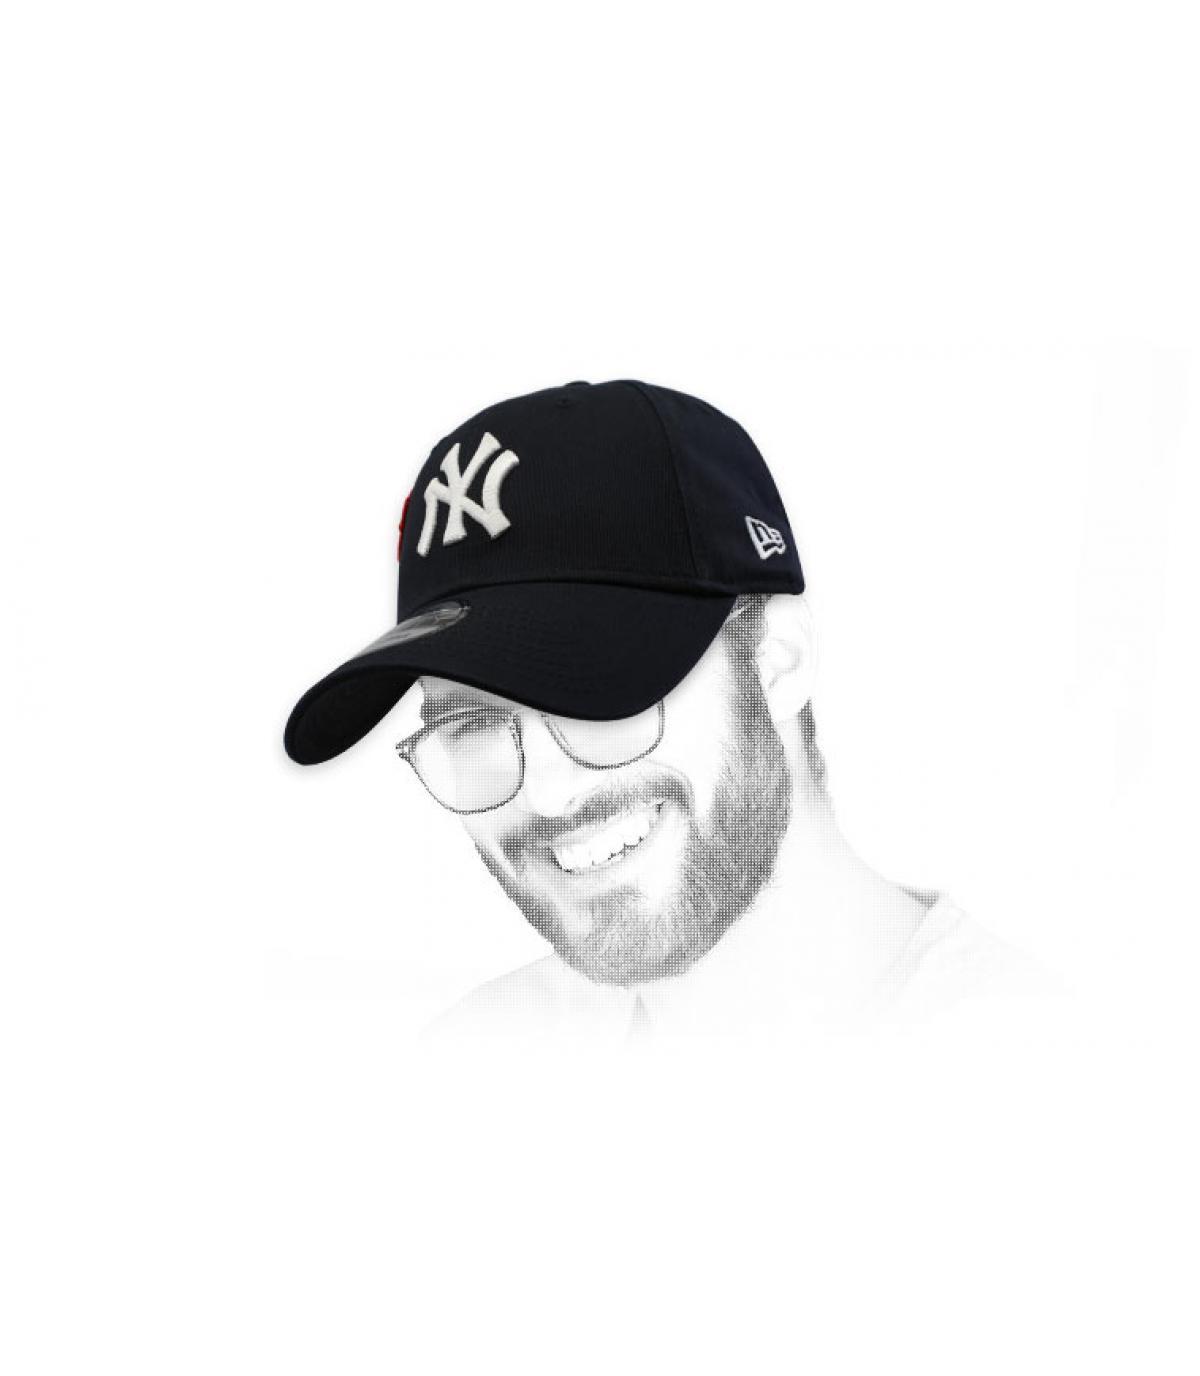 berretto NY nero